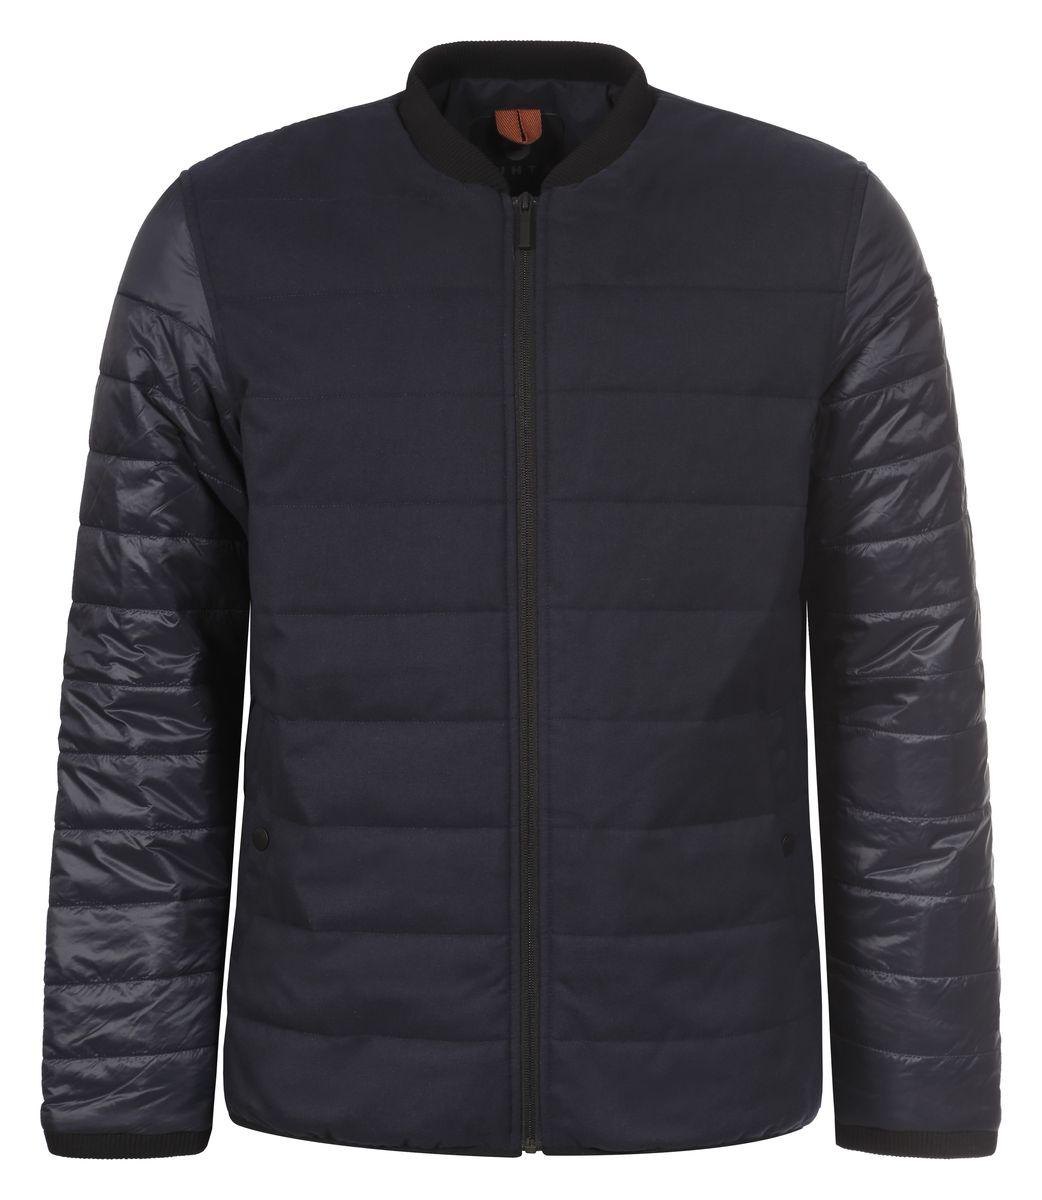 Куртка636557371LVМужская куртка Luhta Ossi с воротником-стойкой застегивается на застежку- молнию. Спереди куртка дополнена двумя прорезными карманами, застегивающимися на кнопки. Ворот куртки и манжеты рукавов дополнены эластичной трикотажной резинкой. Имеется внутренний прорезной карман застегивающийся на молнию.